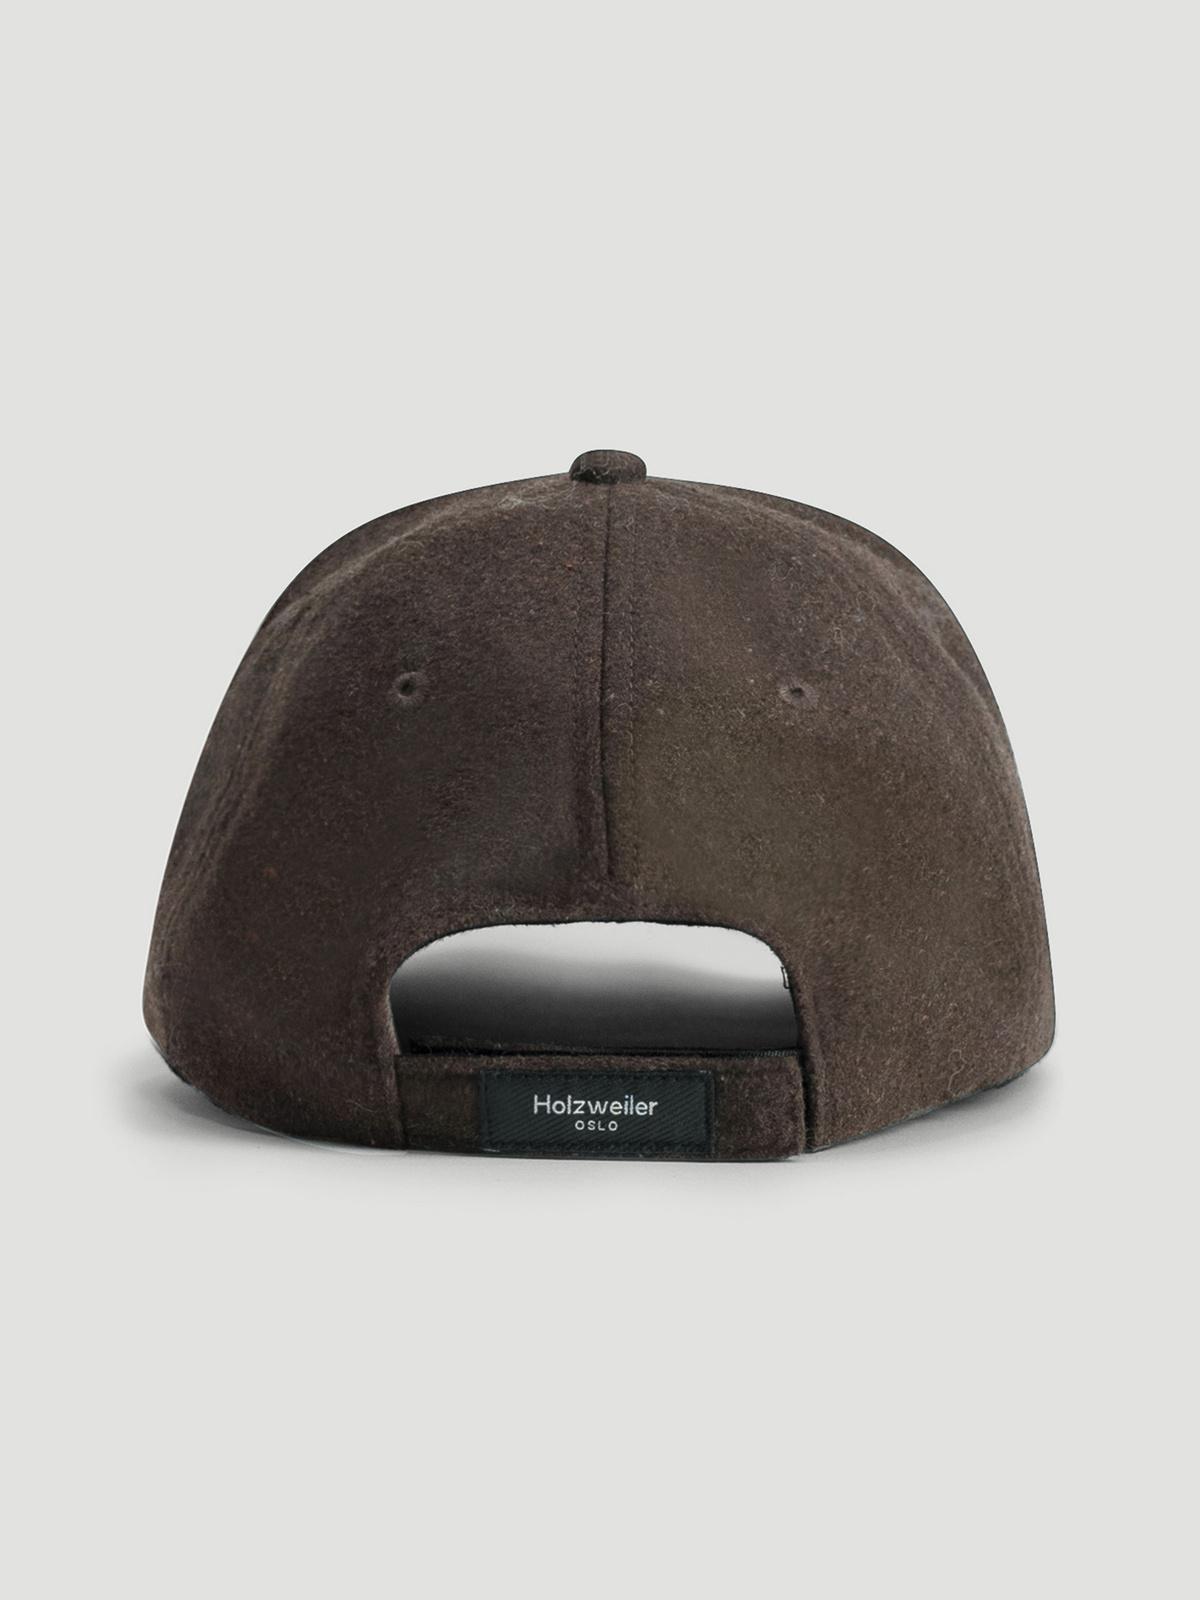 Holzweiler Wool Caps  Dk. Brown 4